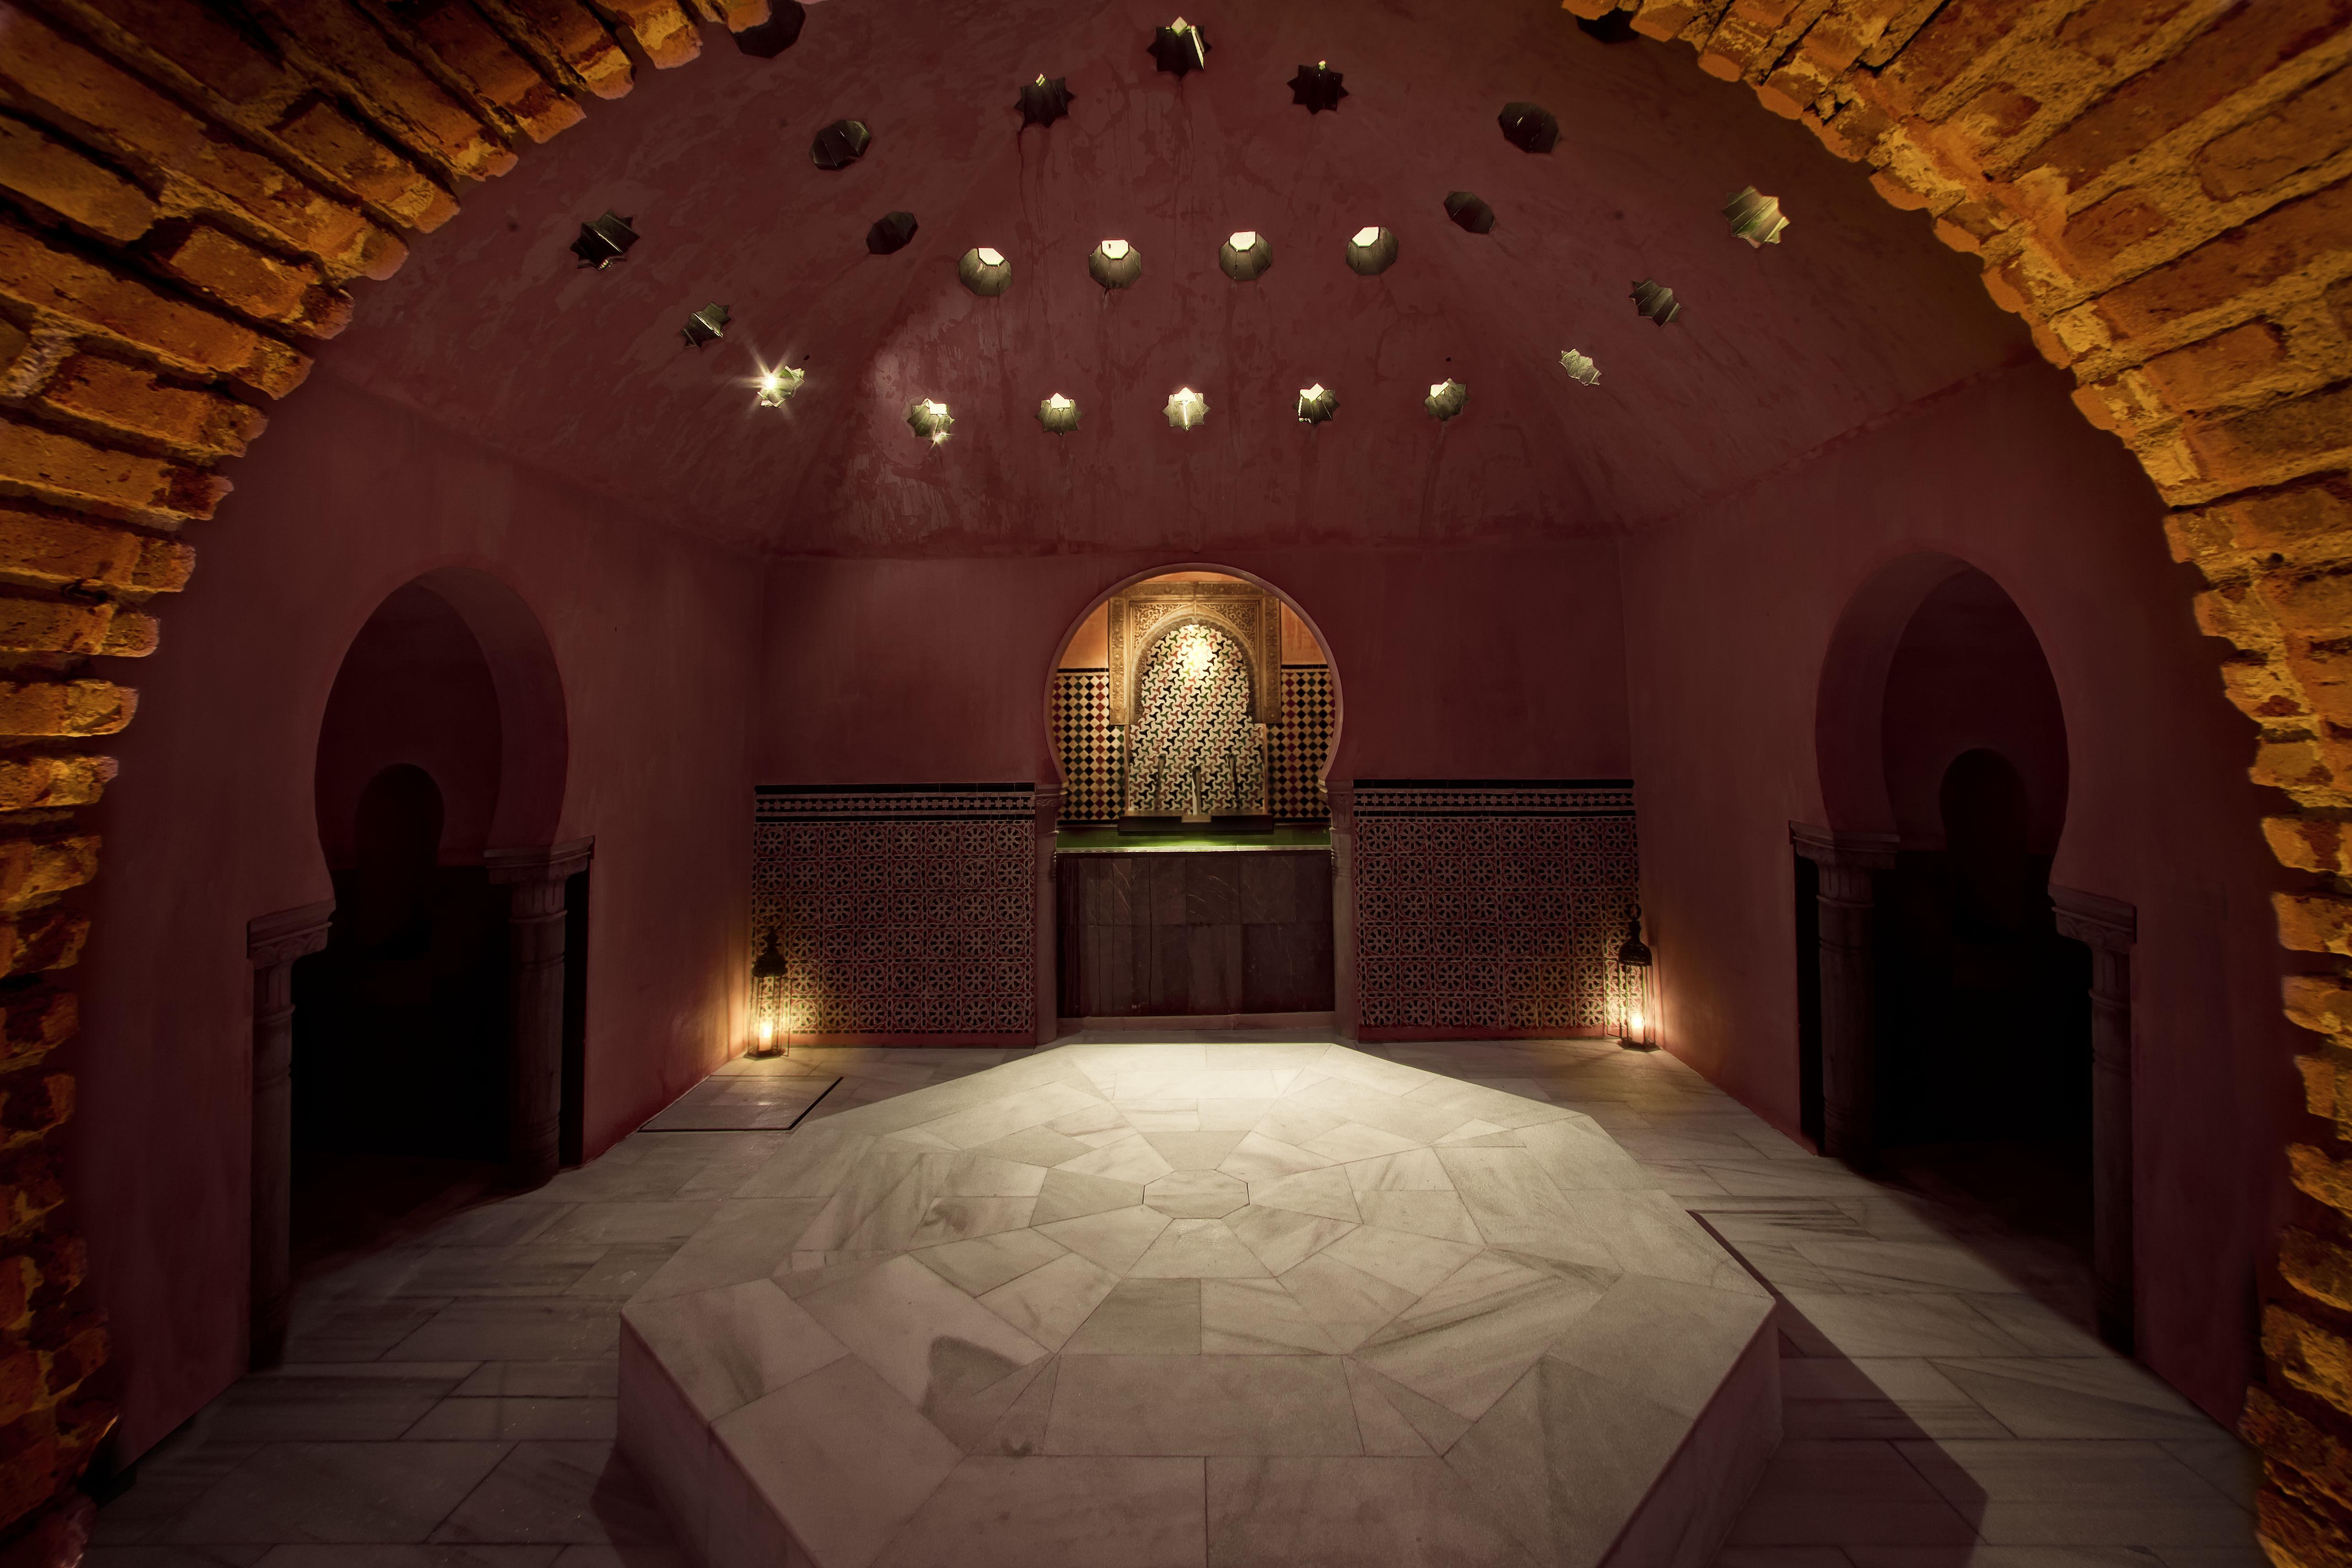 Baño Arabe Hammam Granada:Foto 1 de Baños árabes en Granada